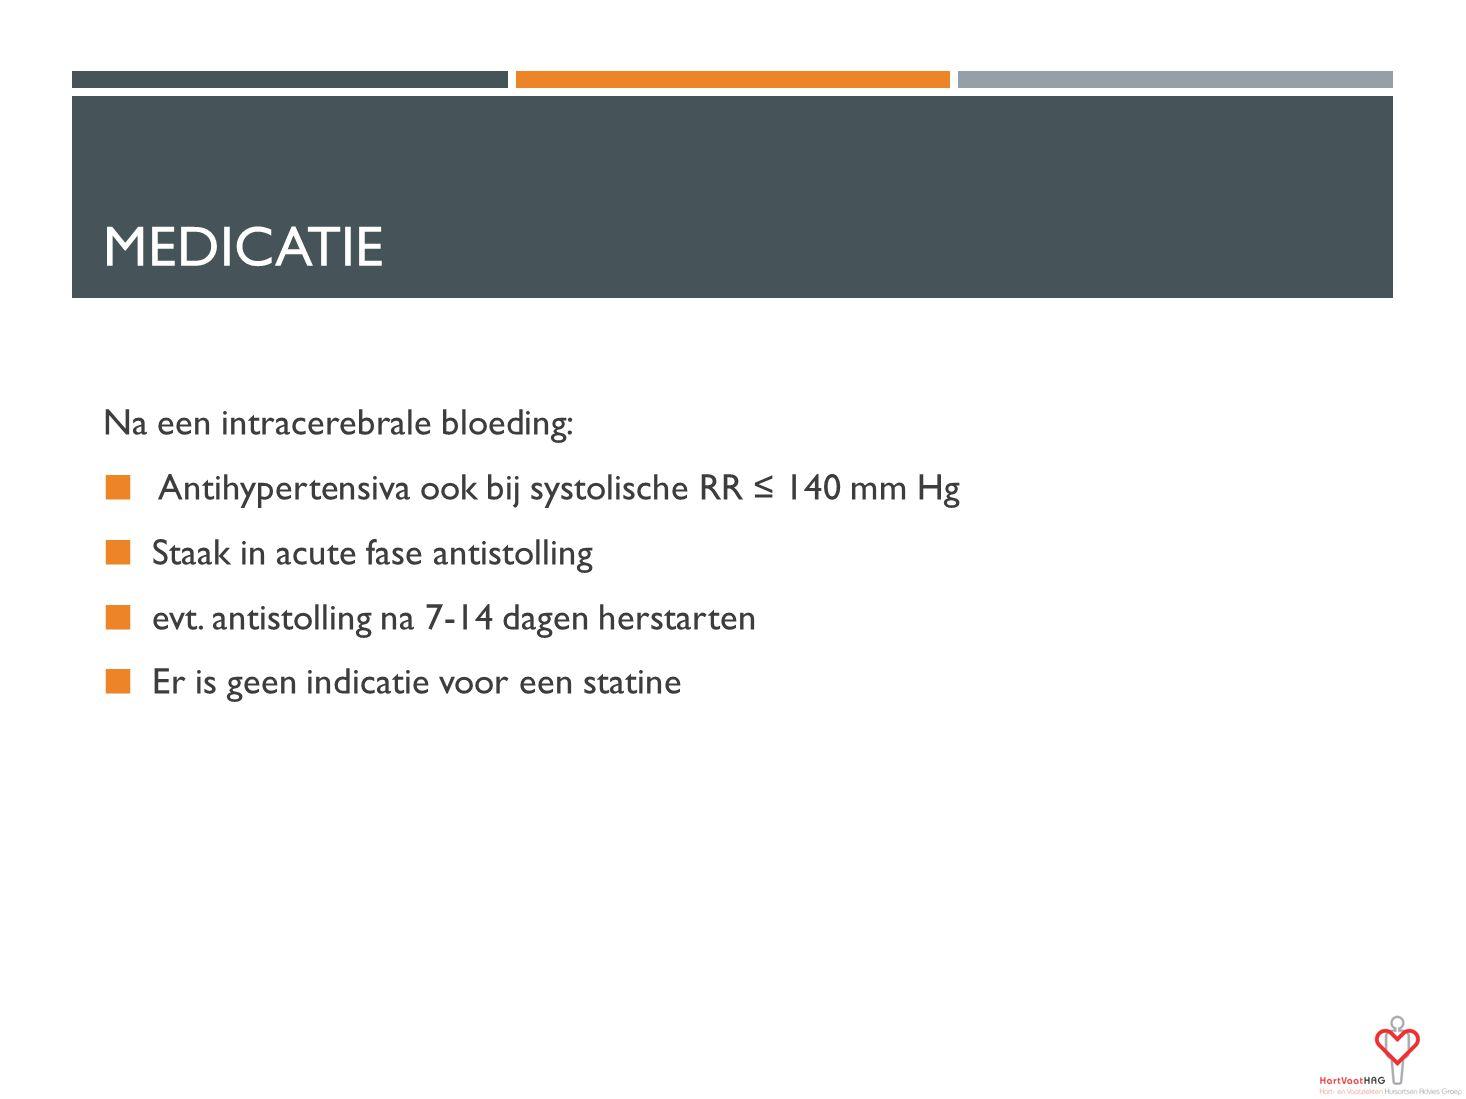 MEDICATIE Na een intracerebrale bloeding: Antihypertensiva ook bij systolische RR ≤ 140 mm Hg Staak in acute fase antistolling evt. antistolling na 7-